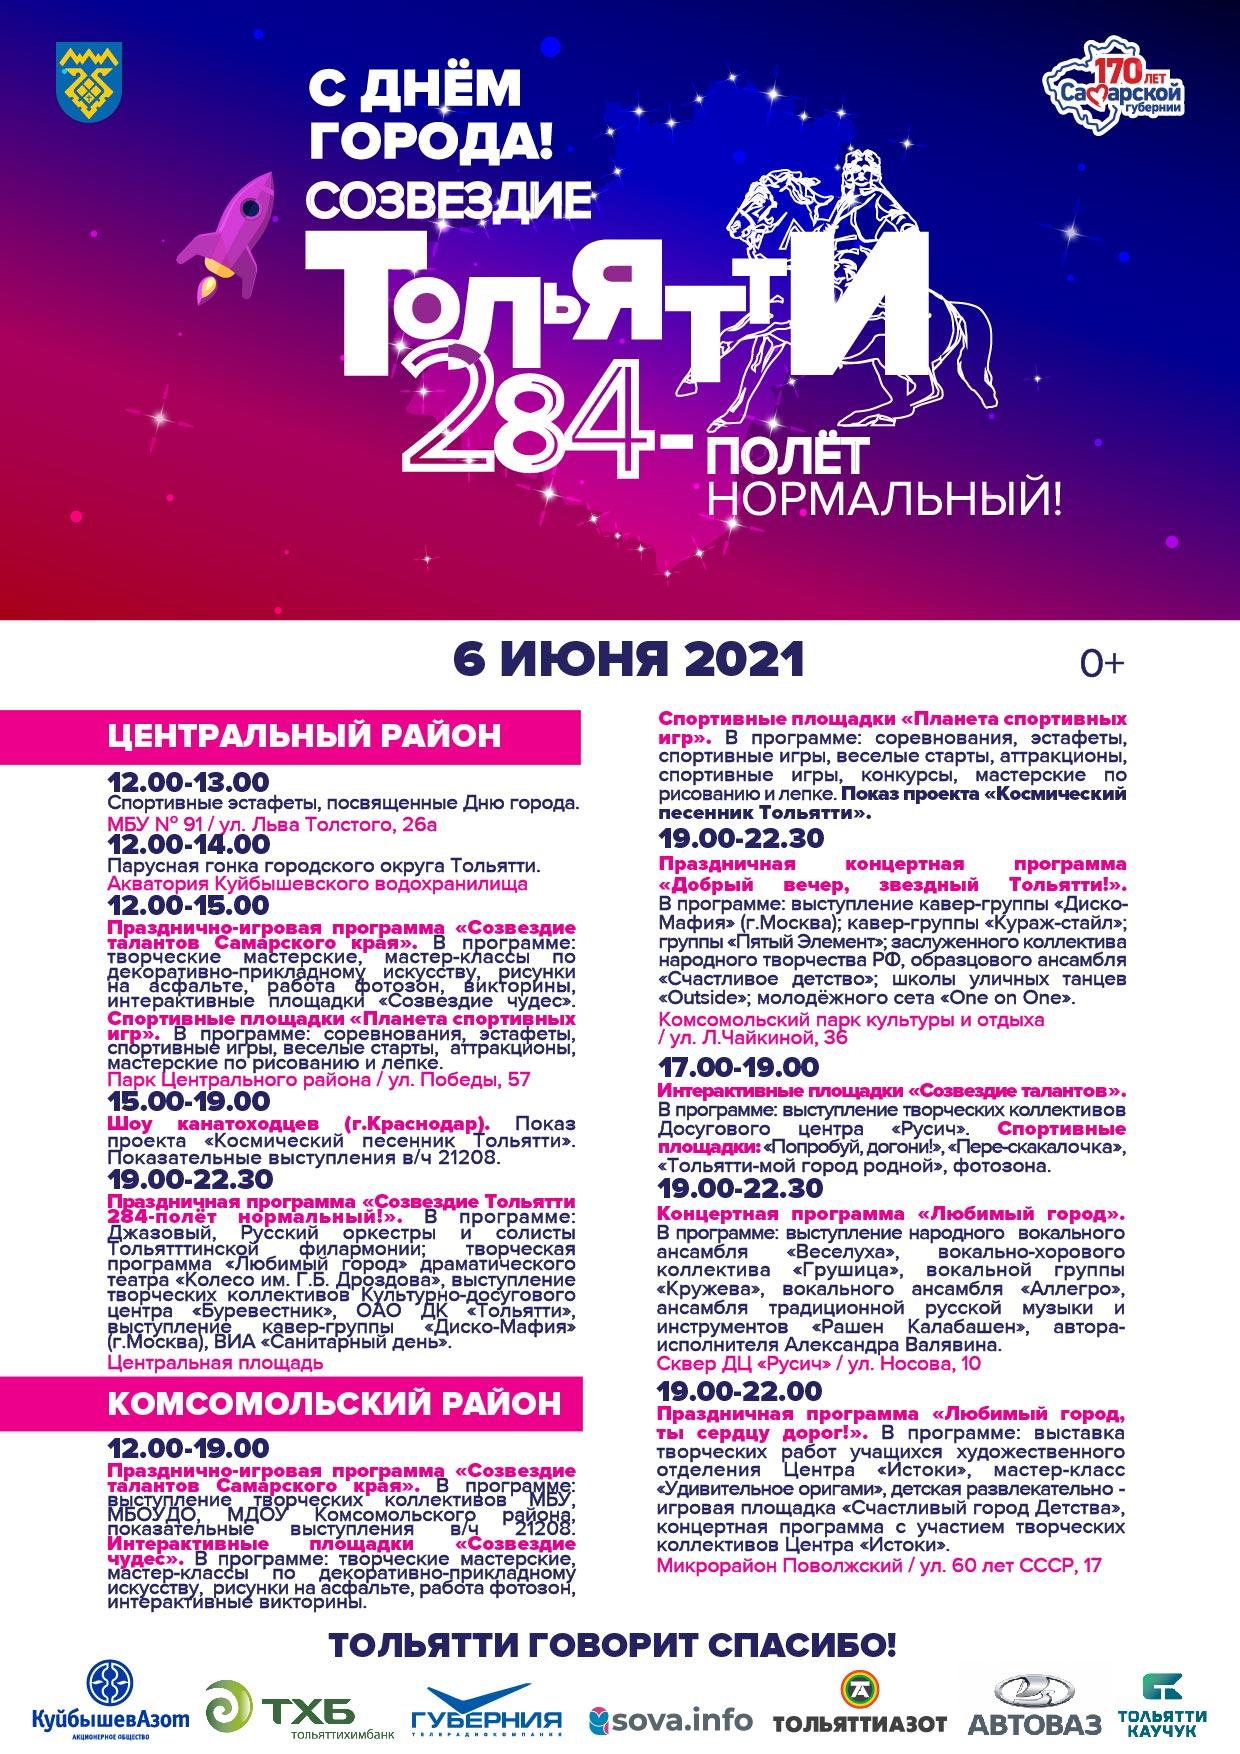 Программа праздничных мероприятий в Тольятти